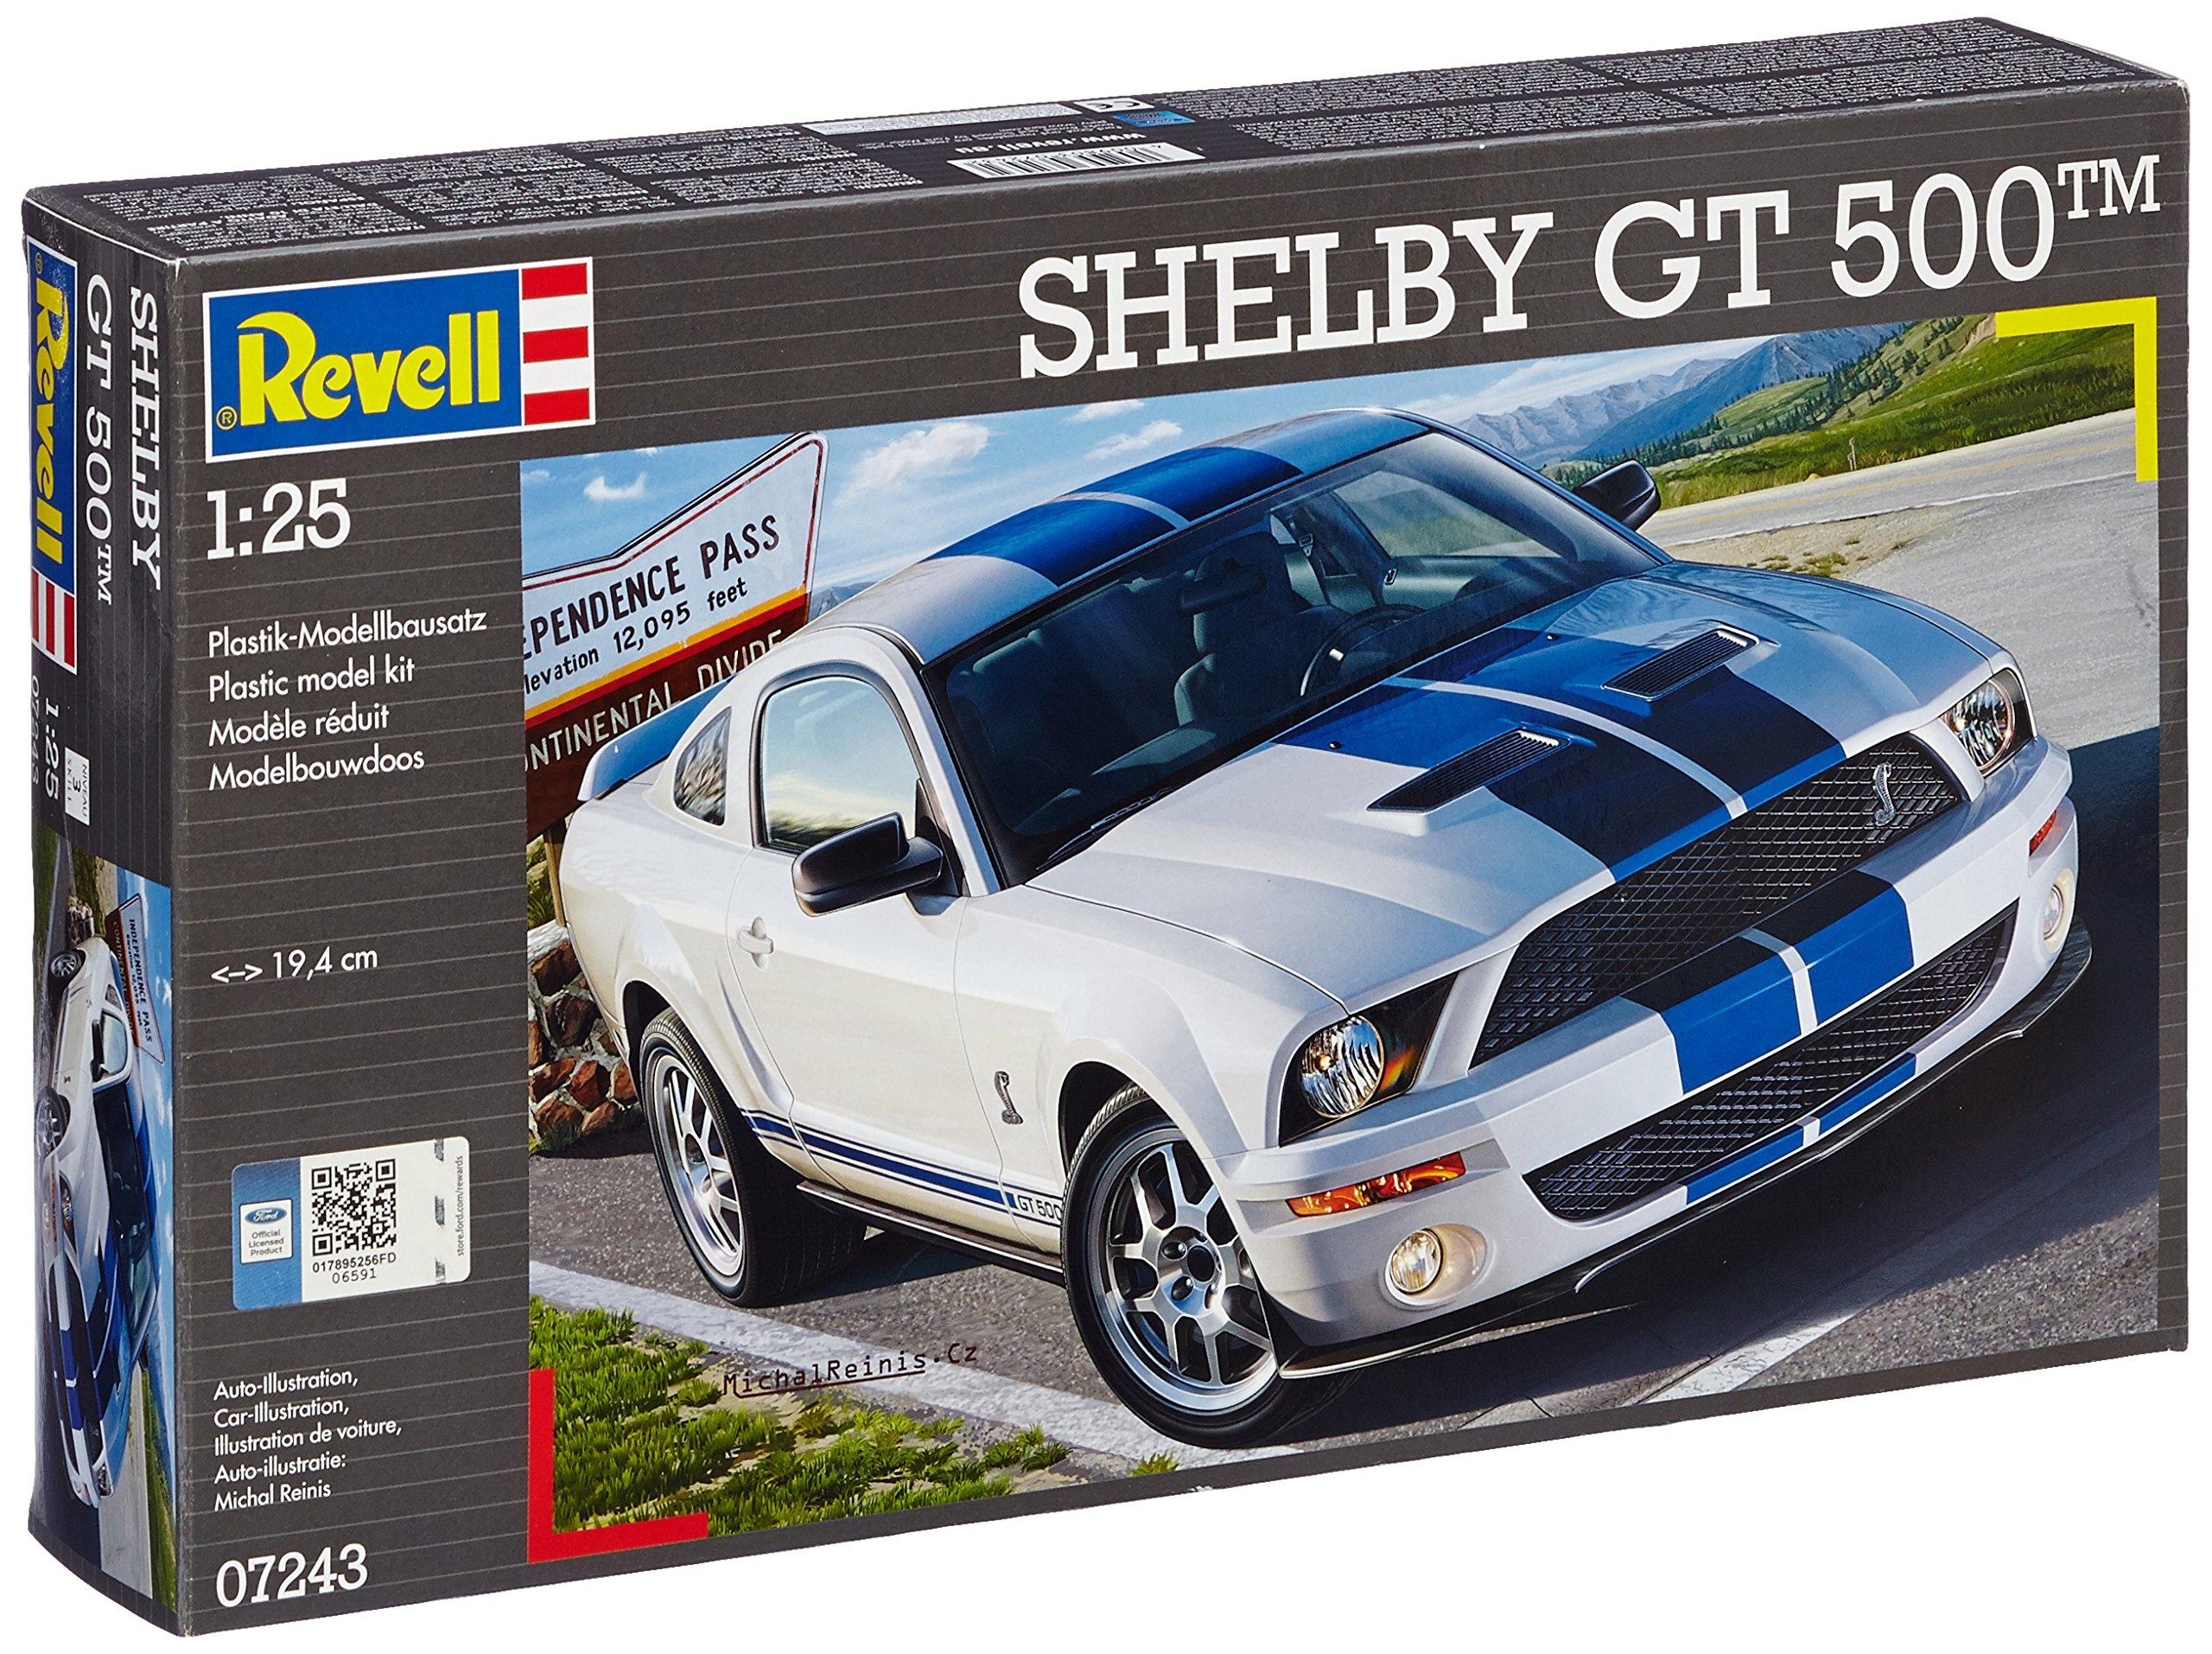 Revell Shelby GT 500 Model Kit